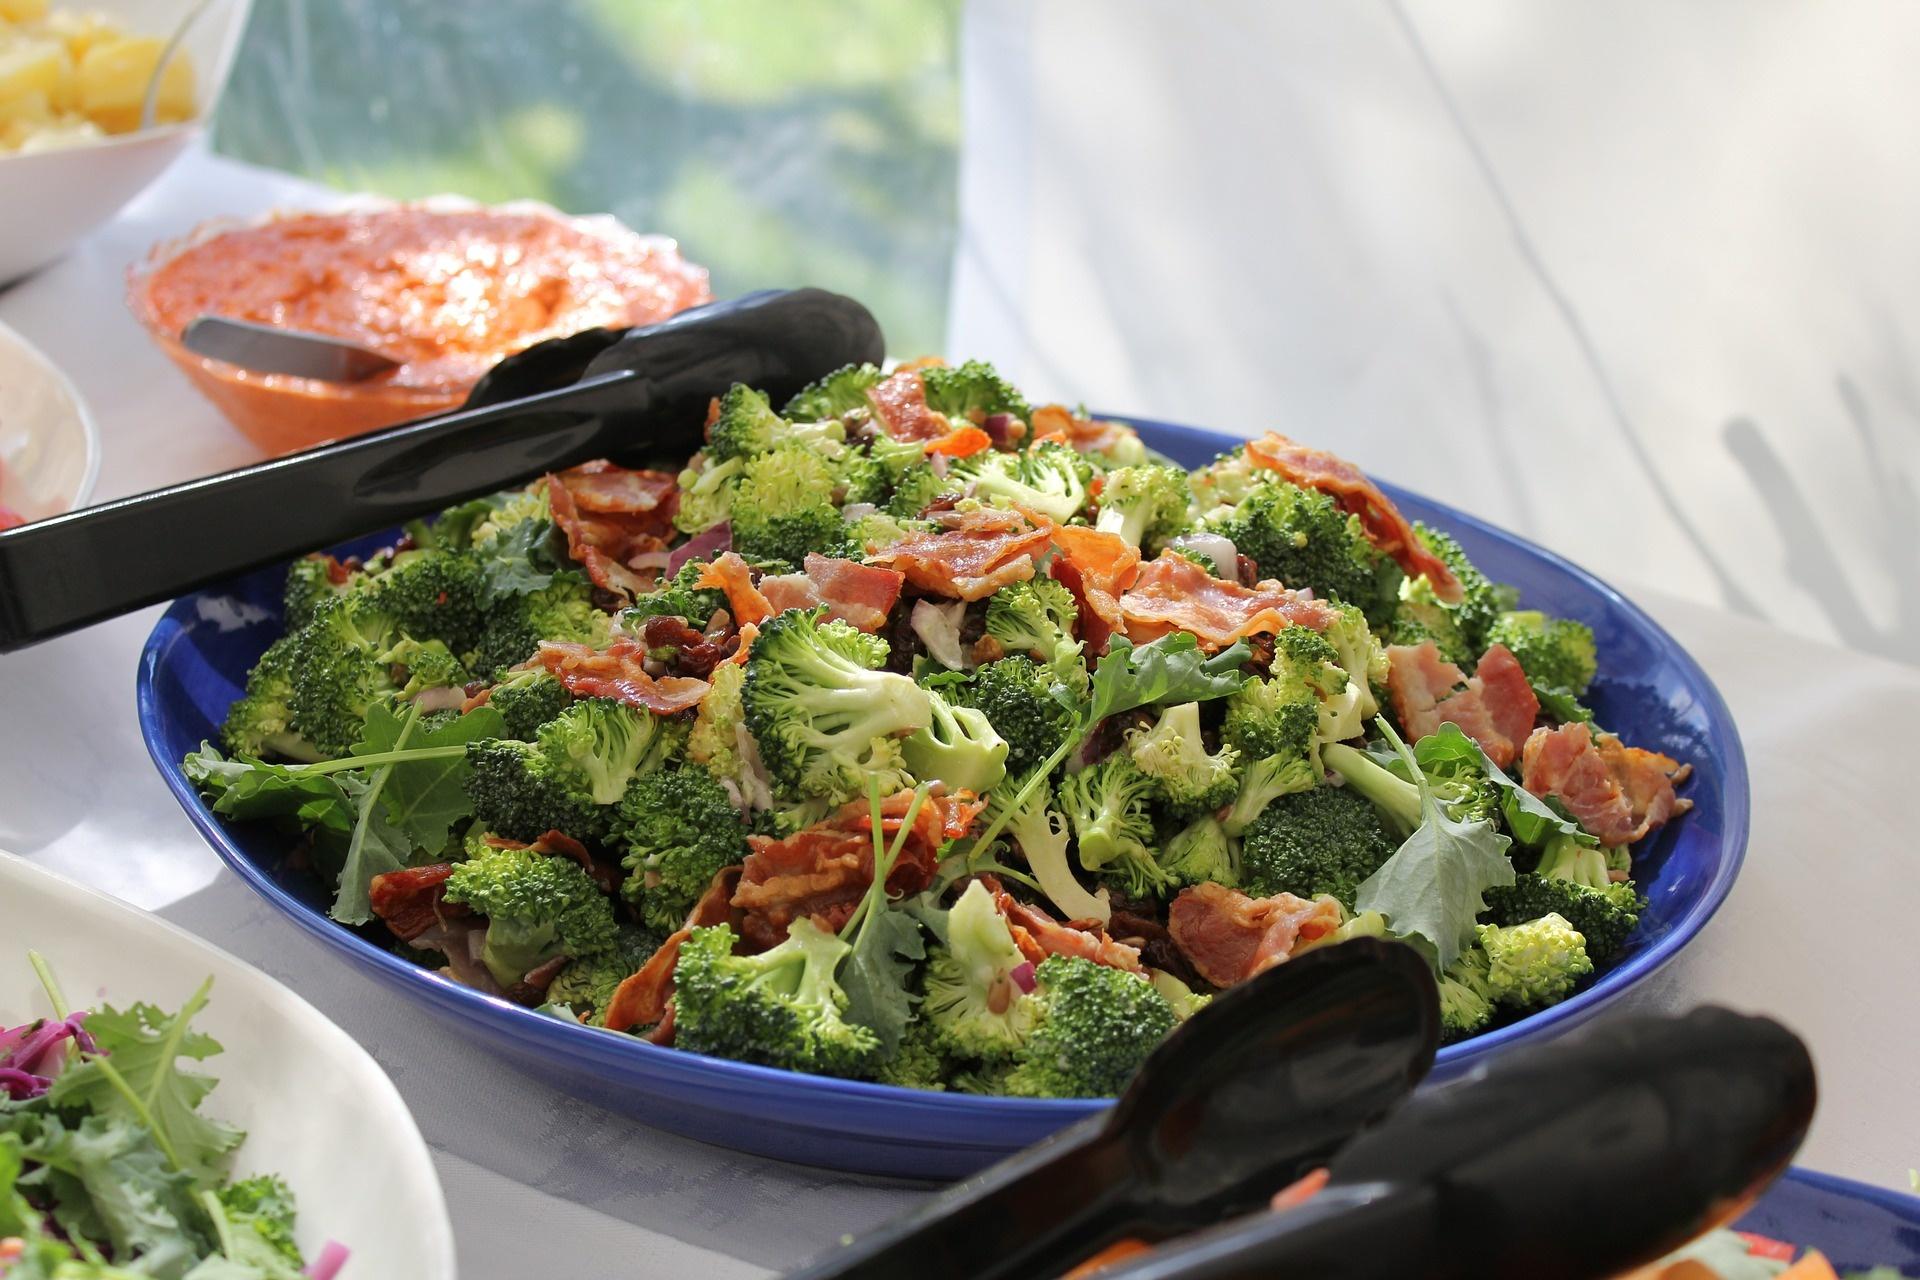 Fitfood Brokkoli- gesunde rezeptideen in wenigen Minuten